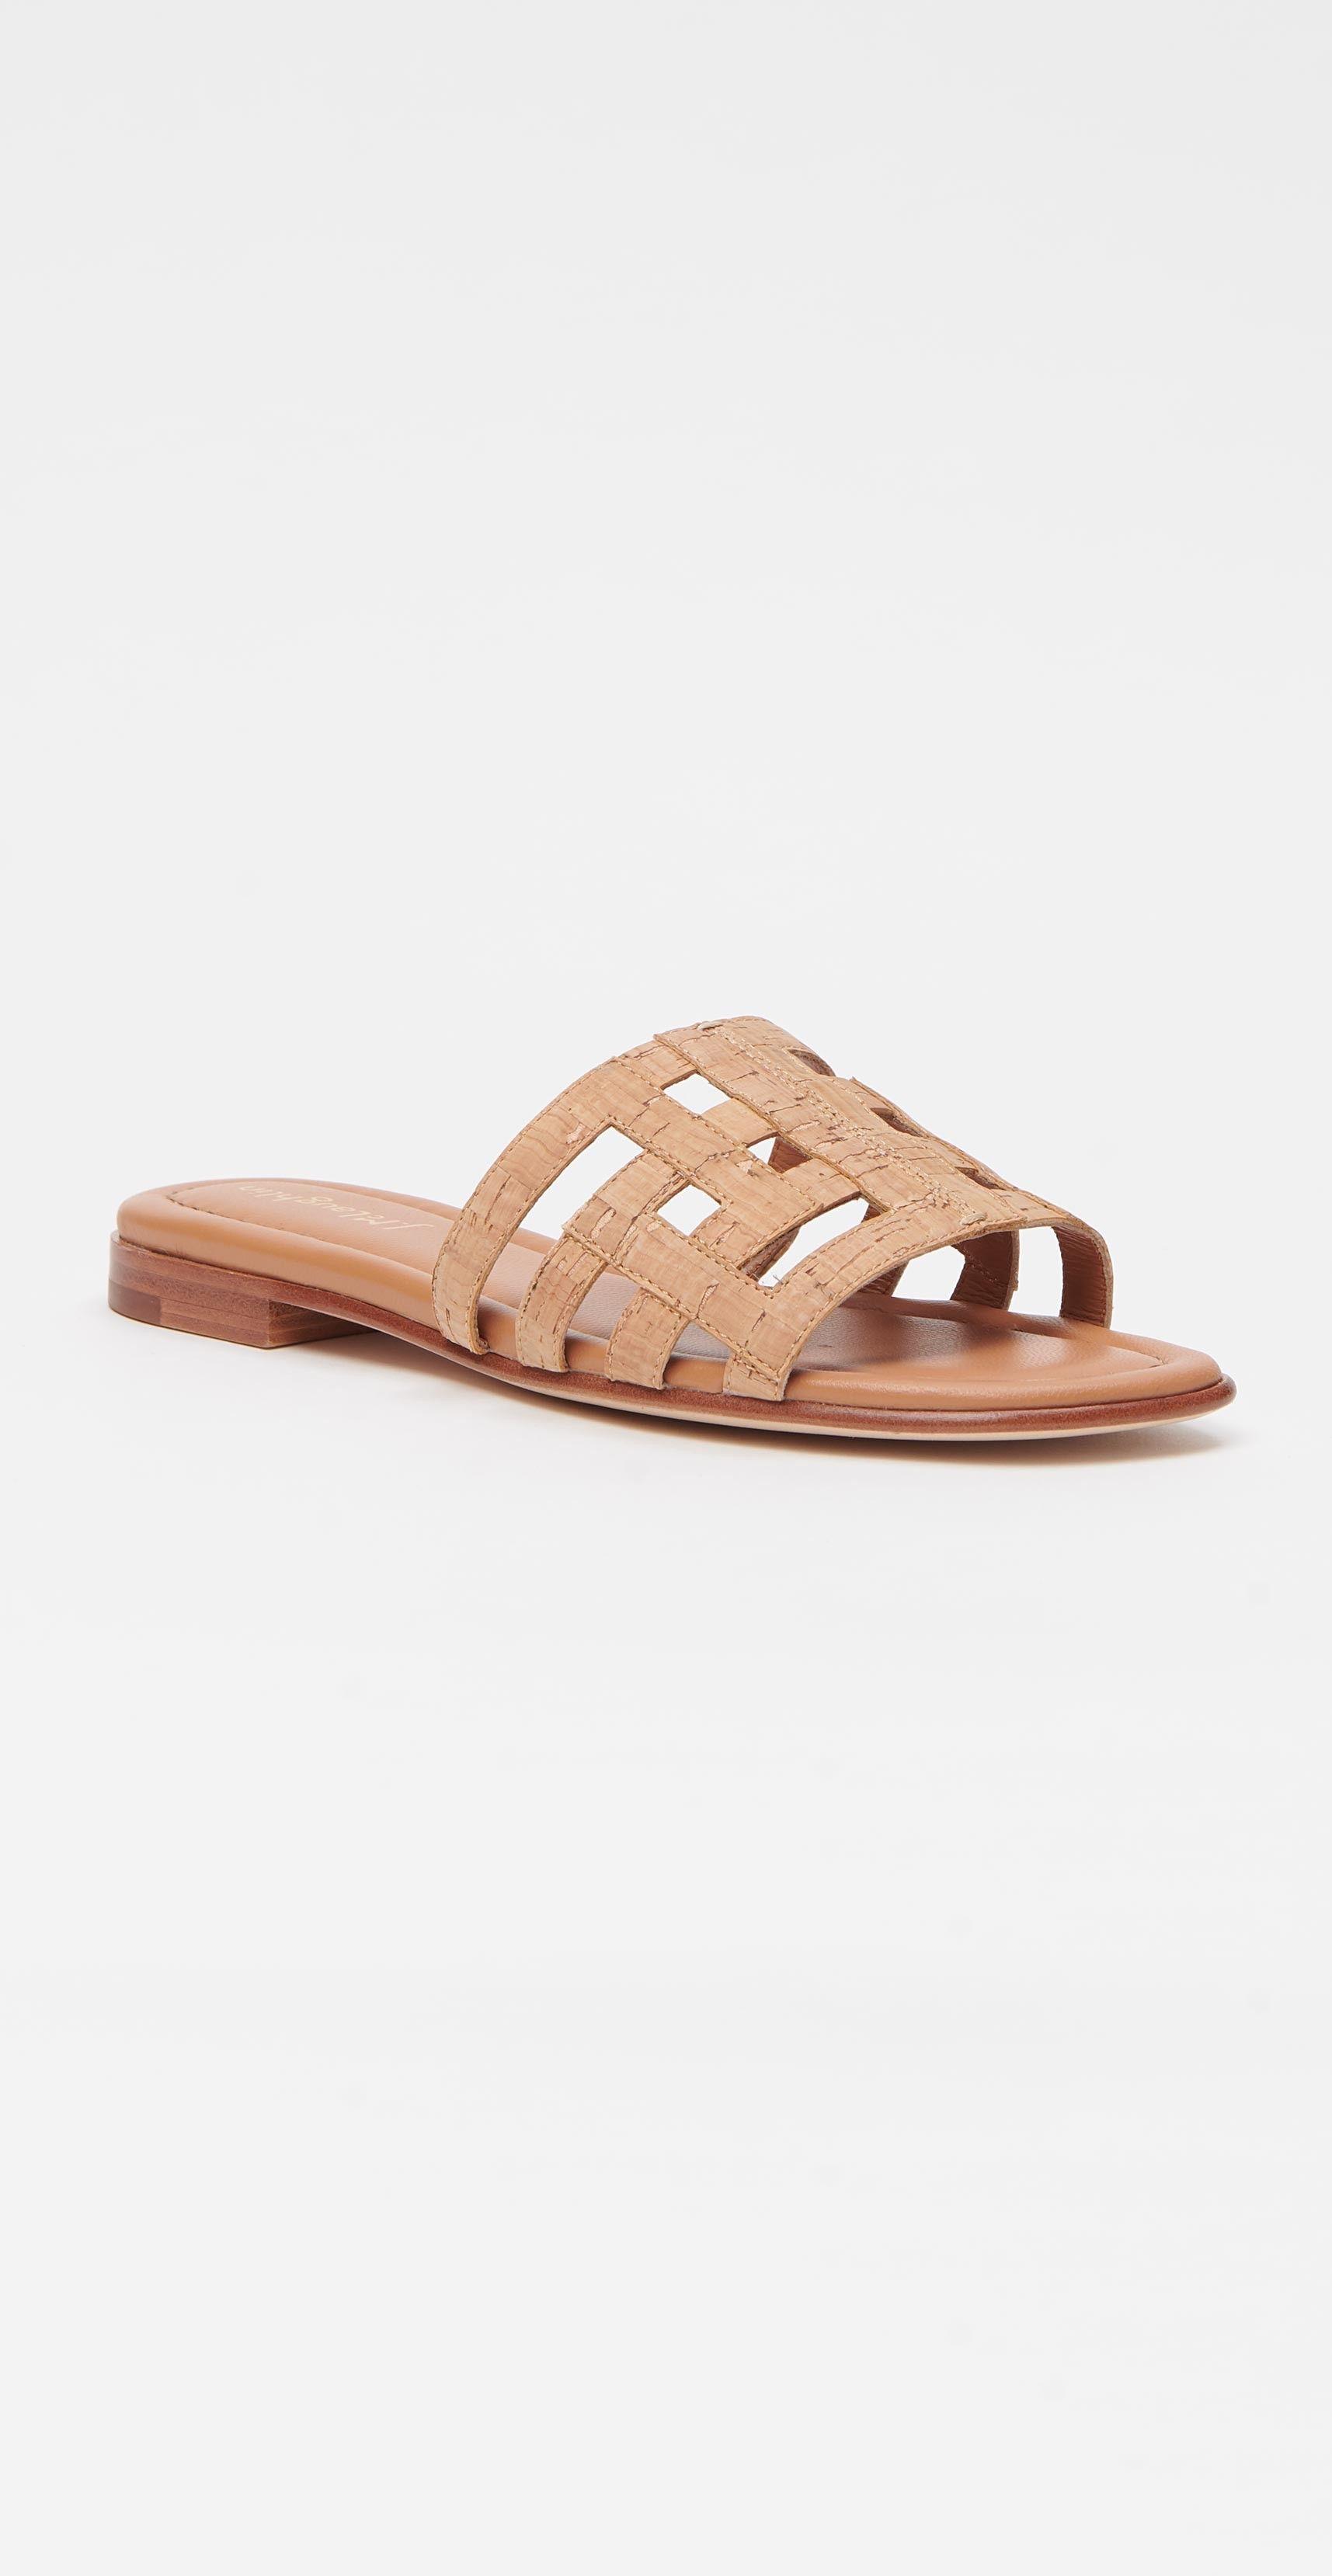 84b2ddd943f0 Pin on Cork Sandals women